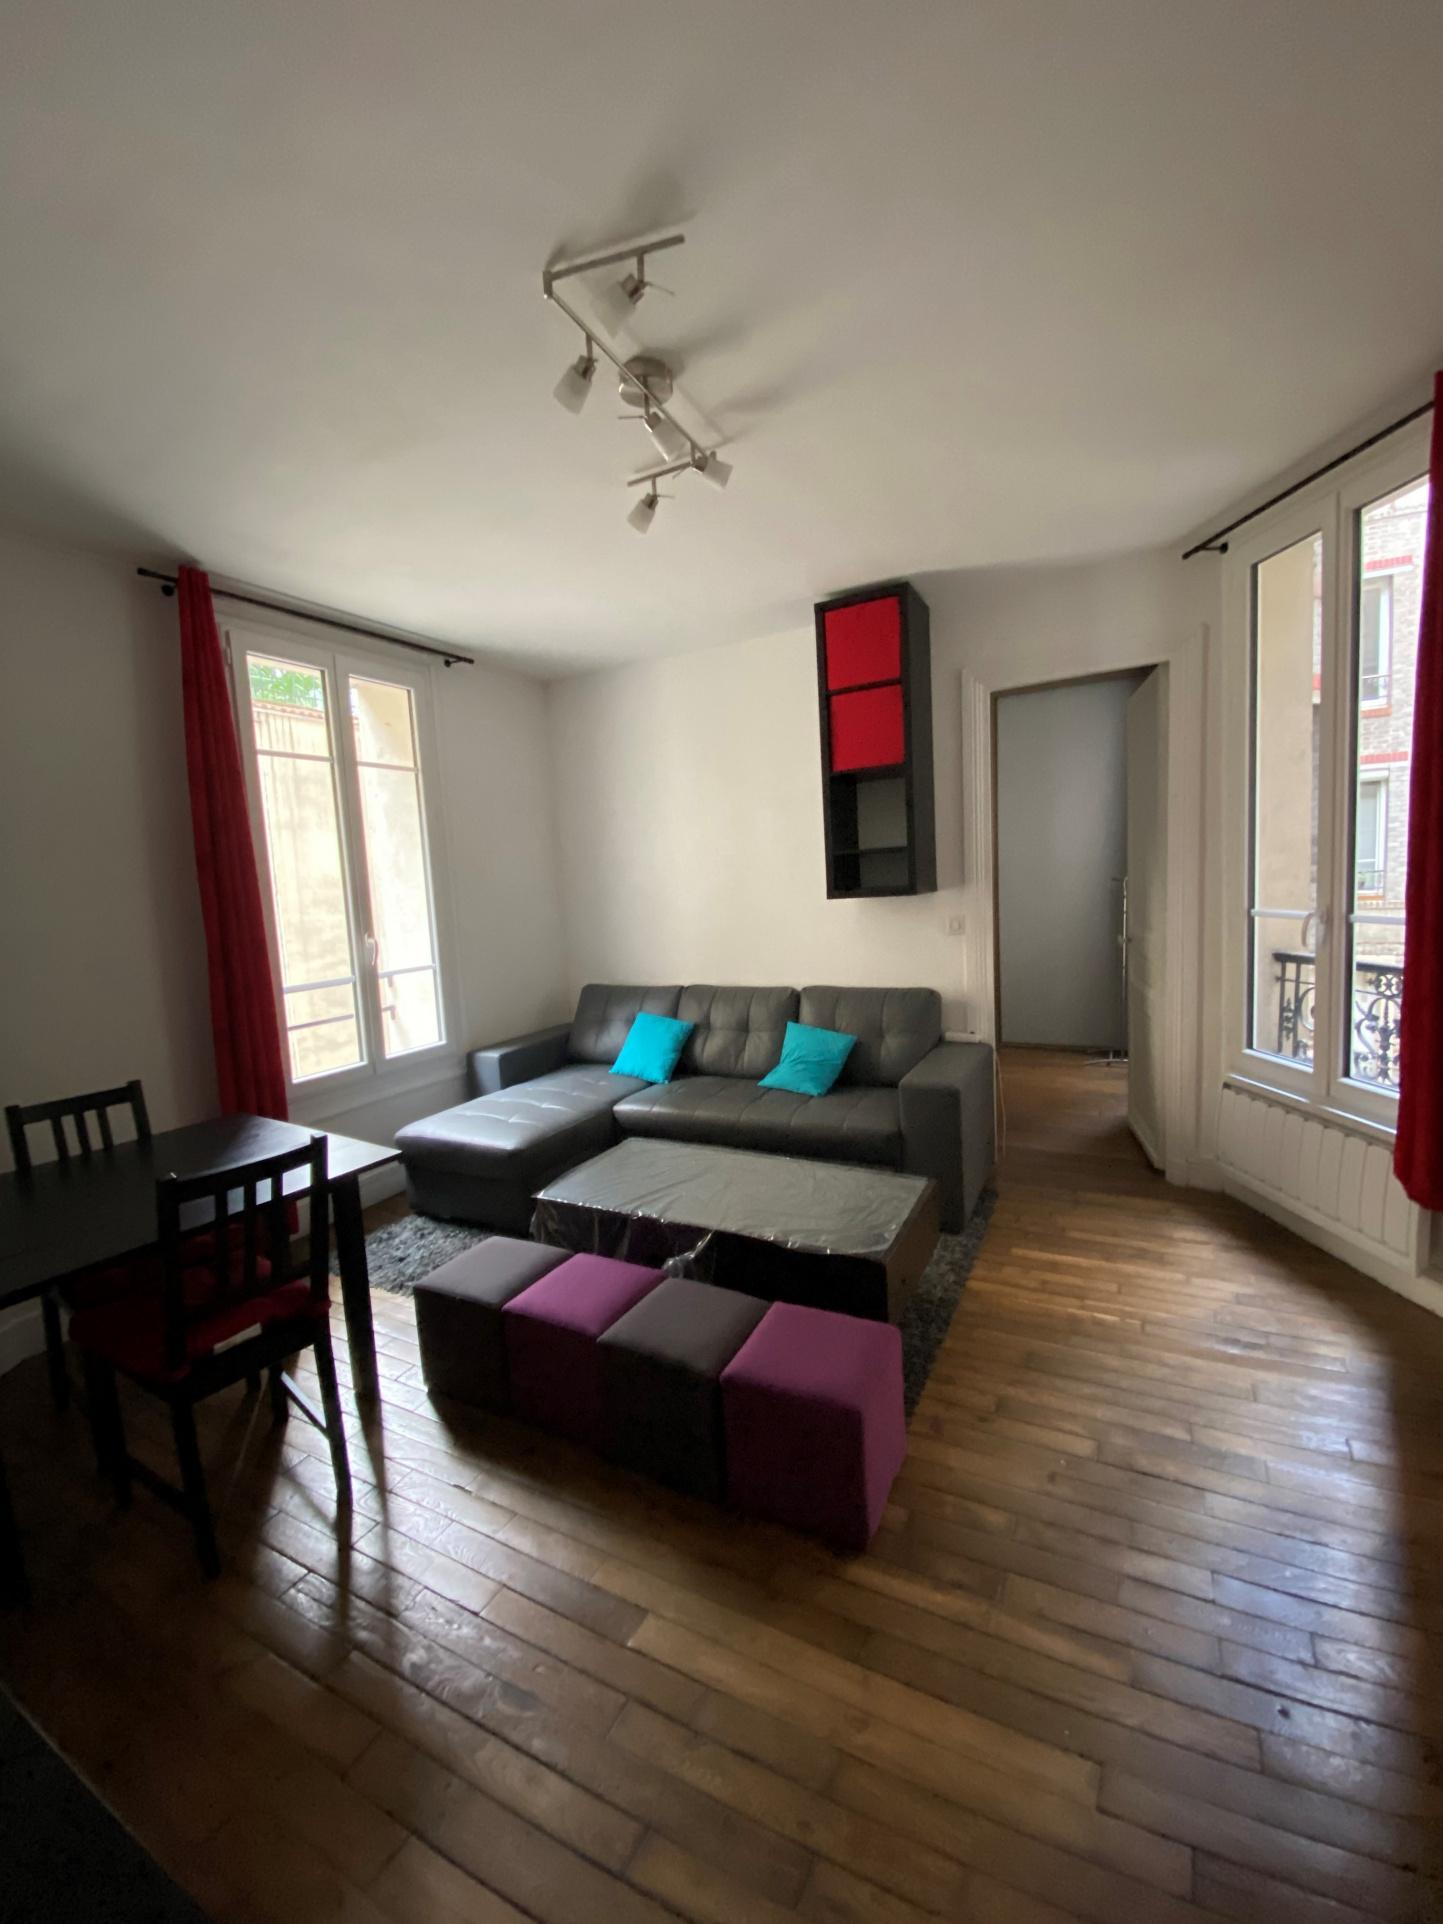 Appartement en Location à Paris / 2 pièces 33m2